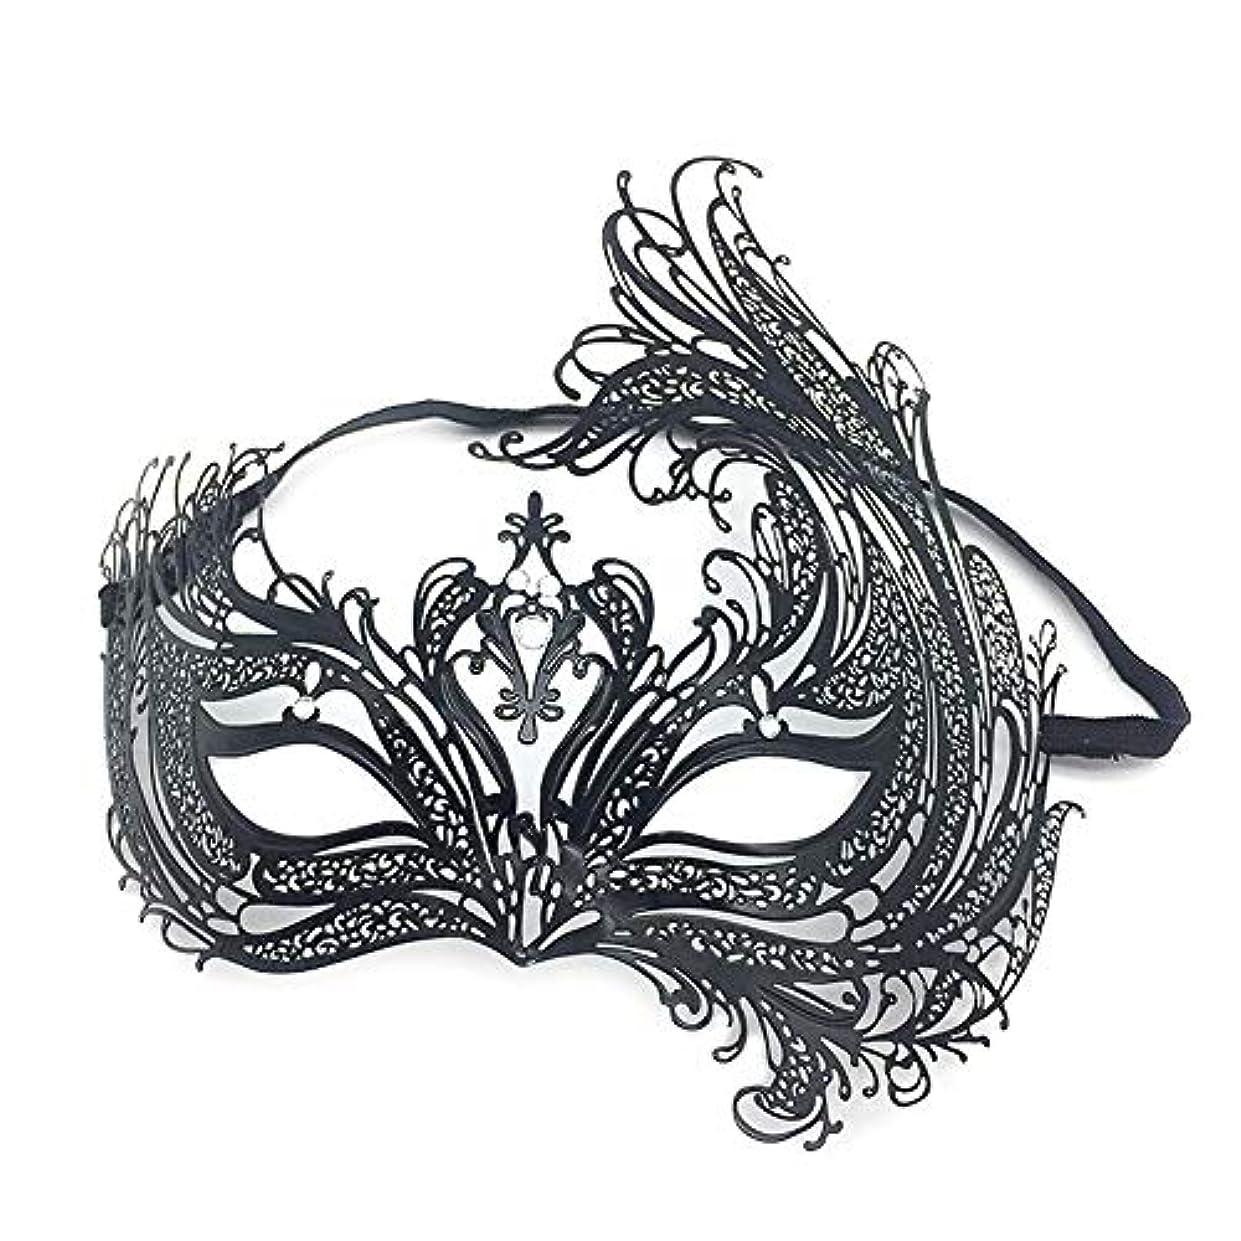 窓を洗うフレームワーク手がかりダンスマスク 仮面舞踏会パーティーブラックセクシーハーフフェイスフェニックスハロウィーンロールプレイングメタルマスクガール ホリデーパーティー用品 (色 : ブラック, サイズ : 20x19cm)